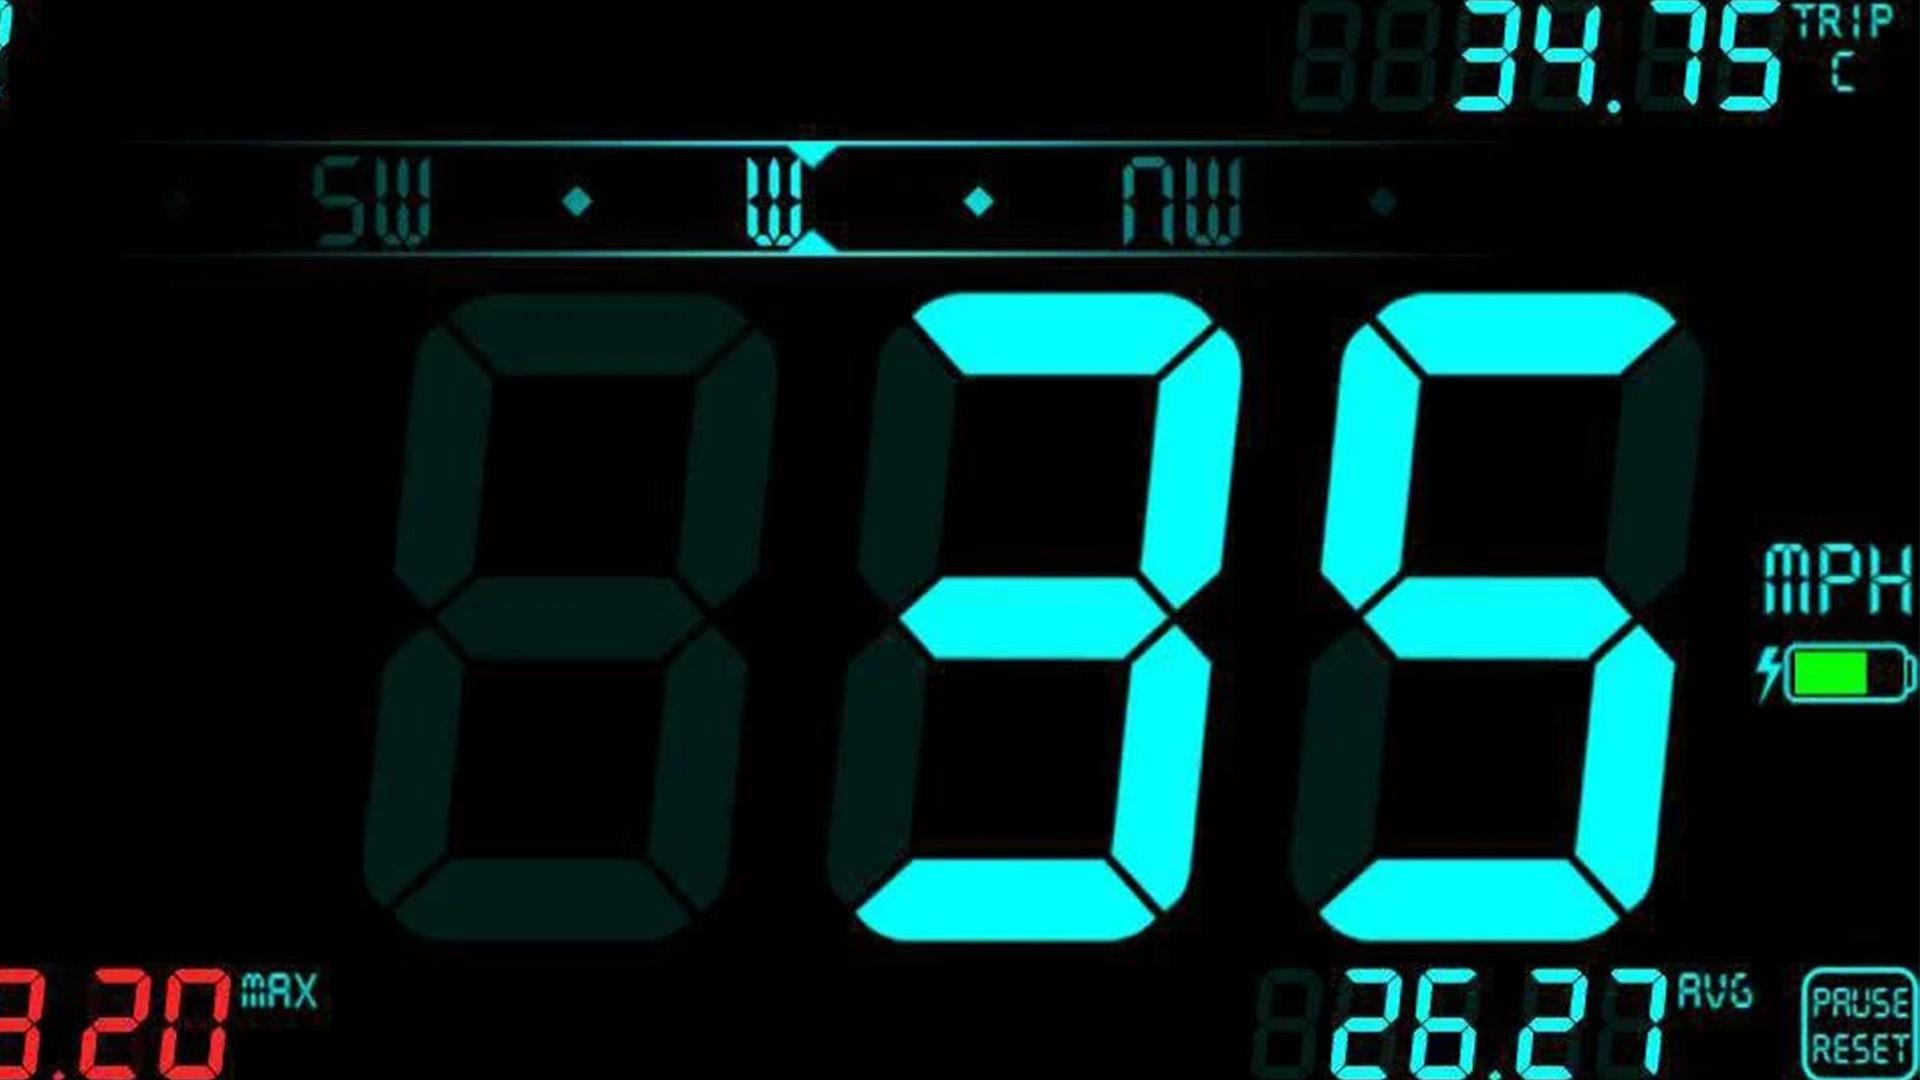 DigiHUD Speedometer screenshot 2020